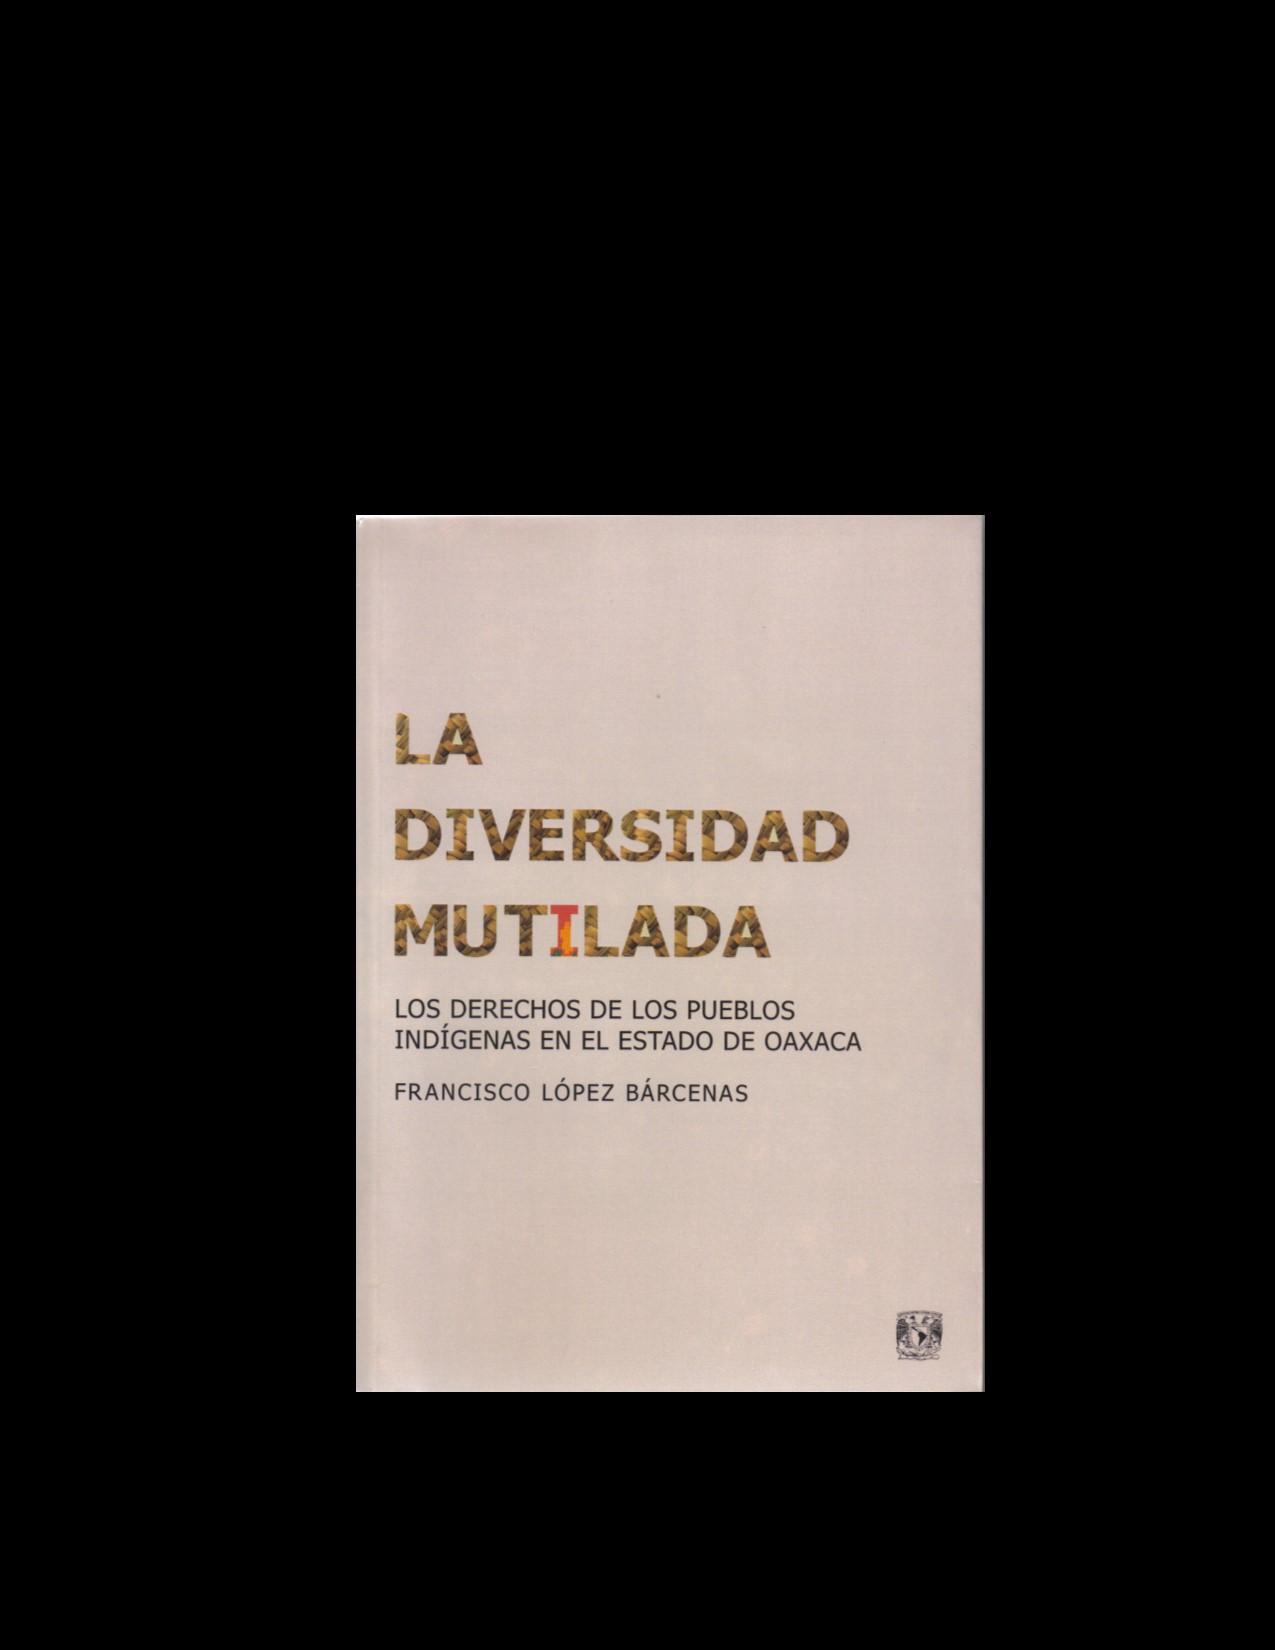 LaDiversidadMutilada